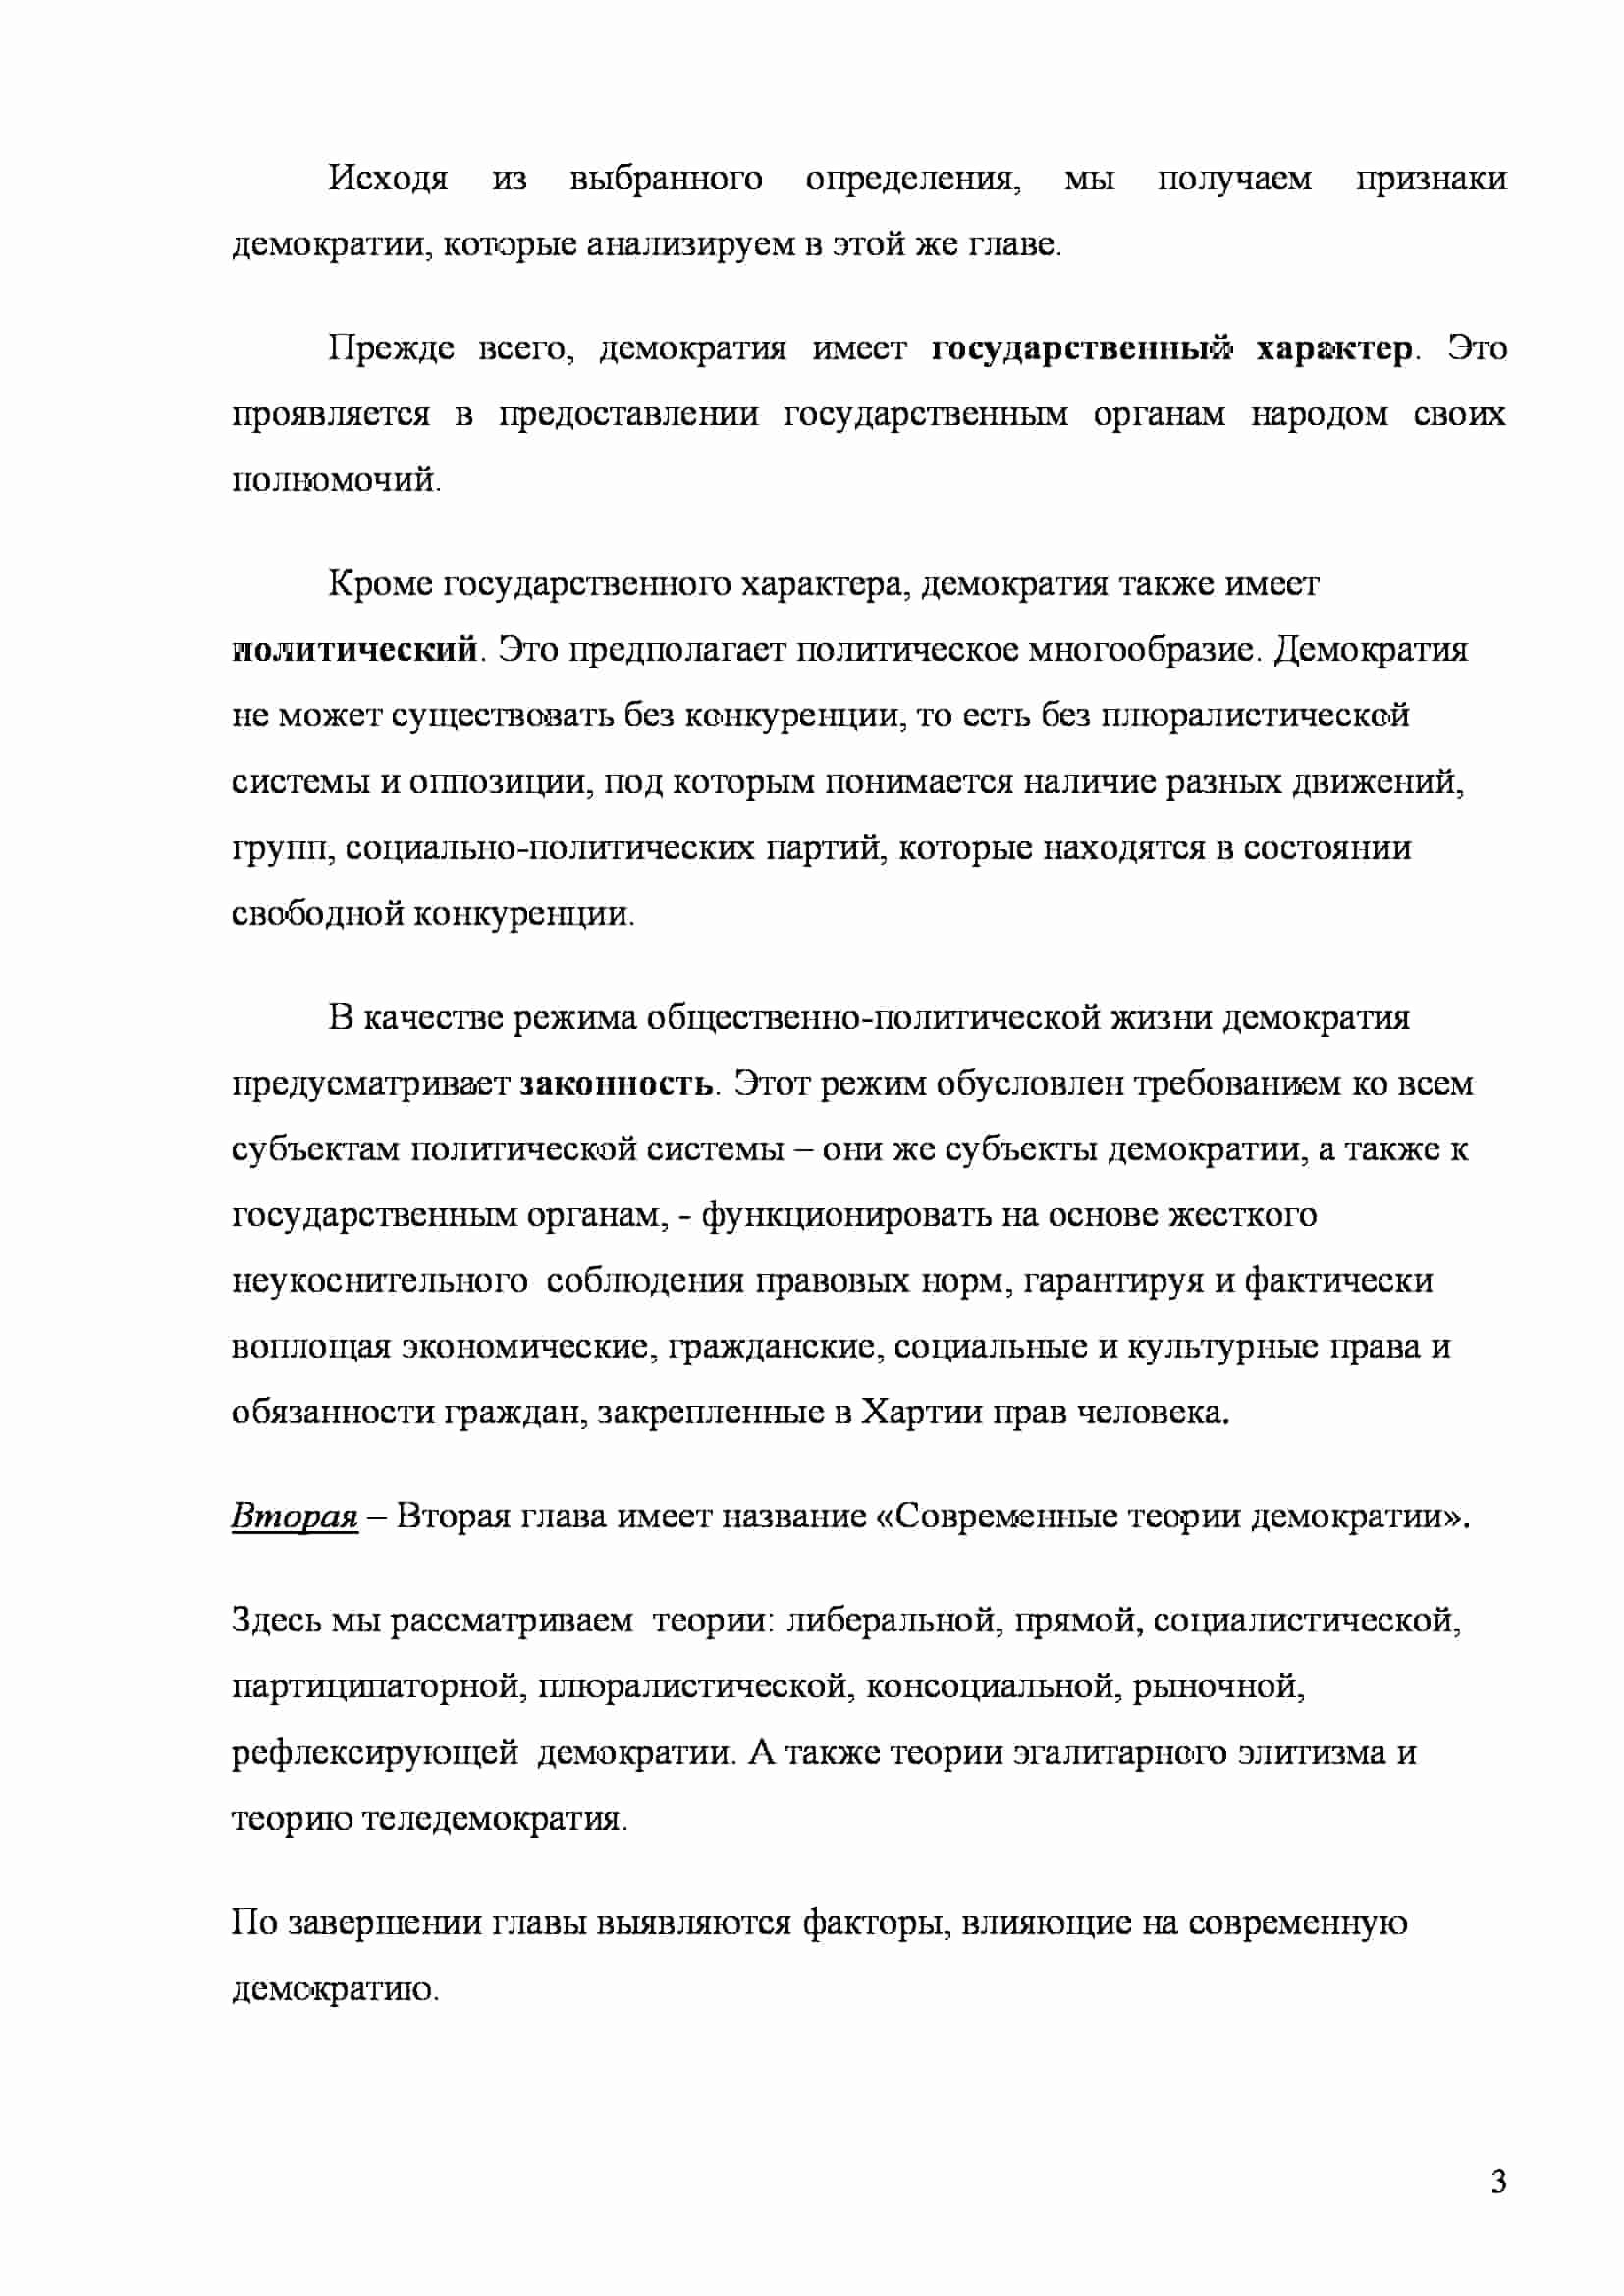 Речь для защиты курсовой (стр. 3)